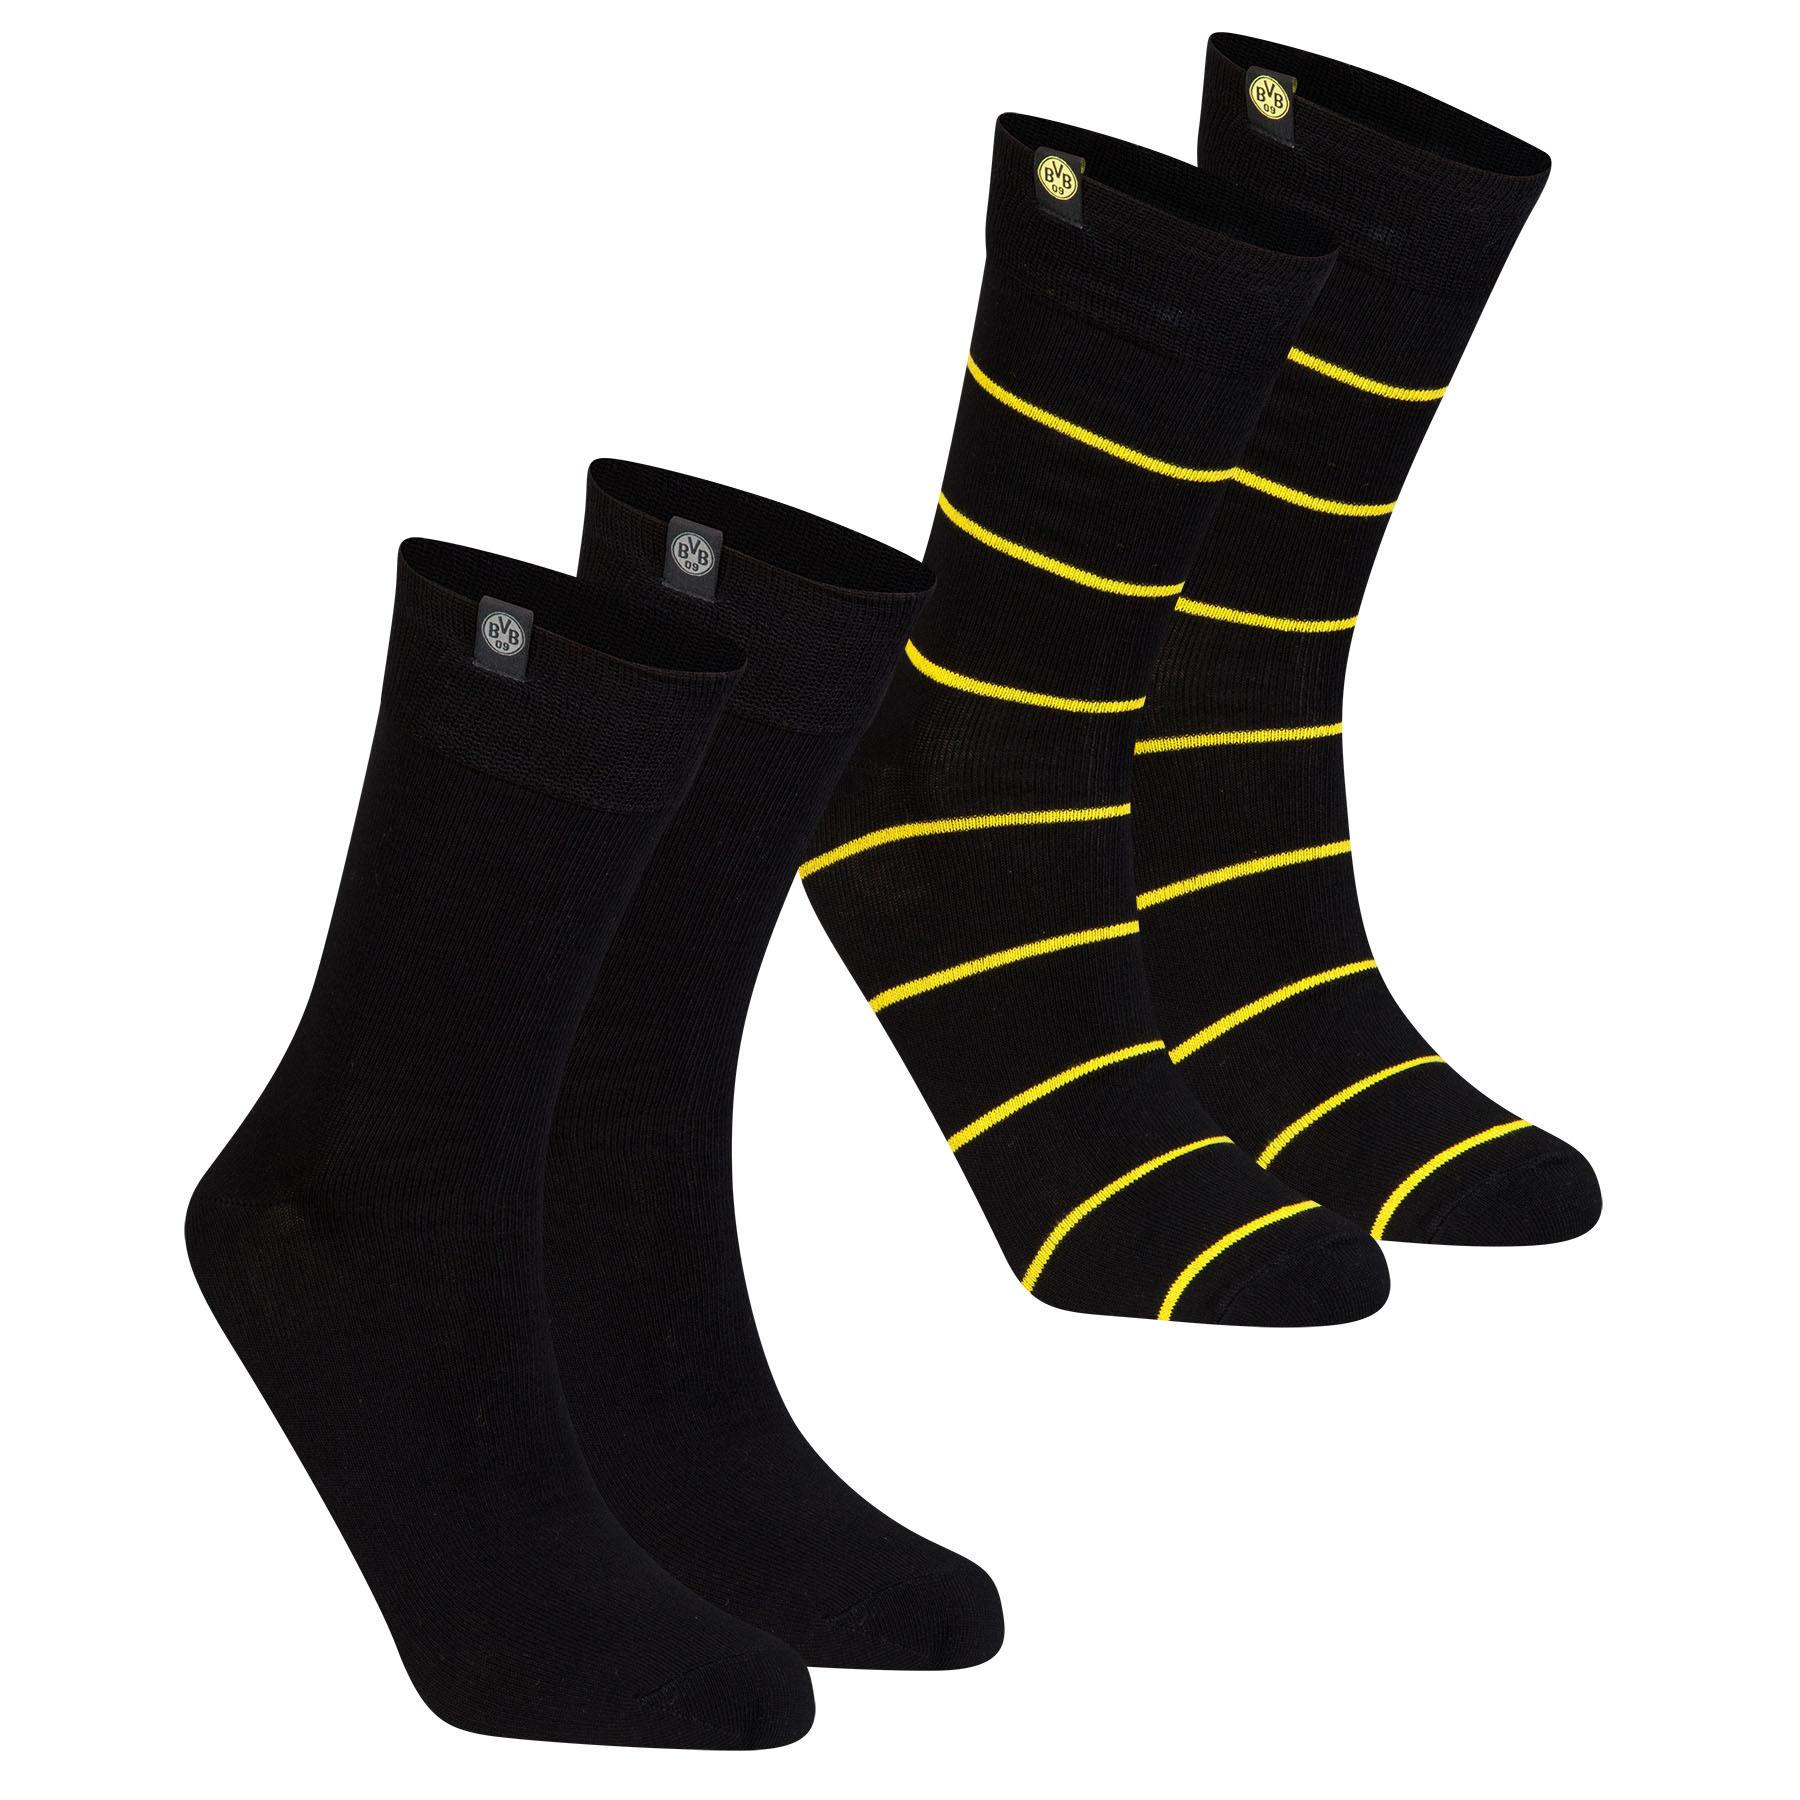 BVB 2 Pack Cotton Socks – Black